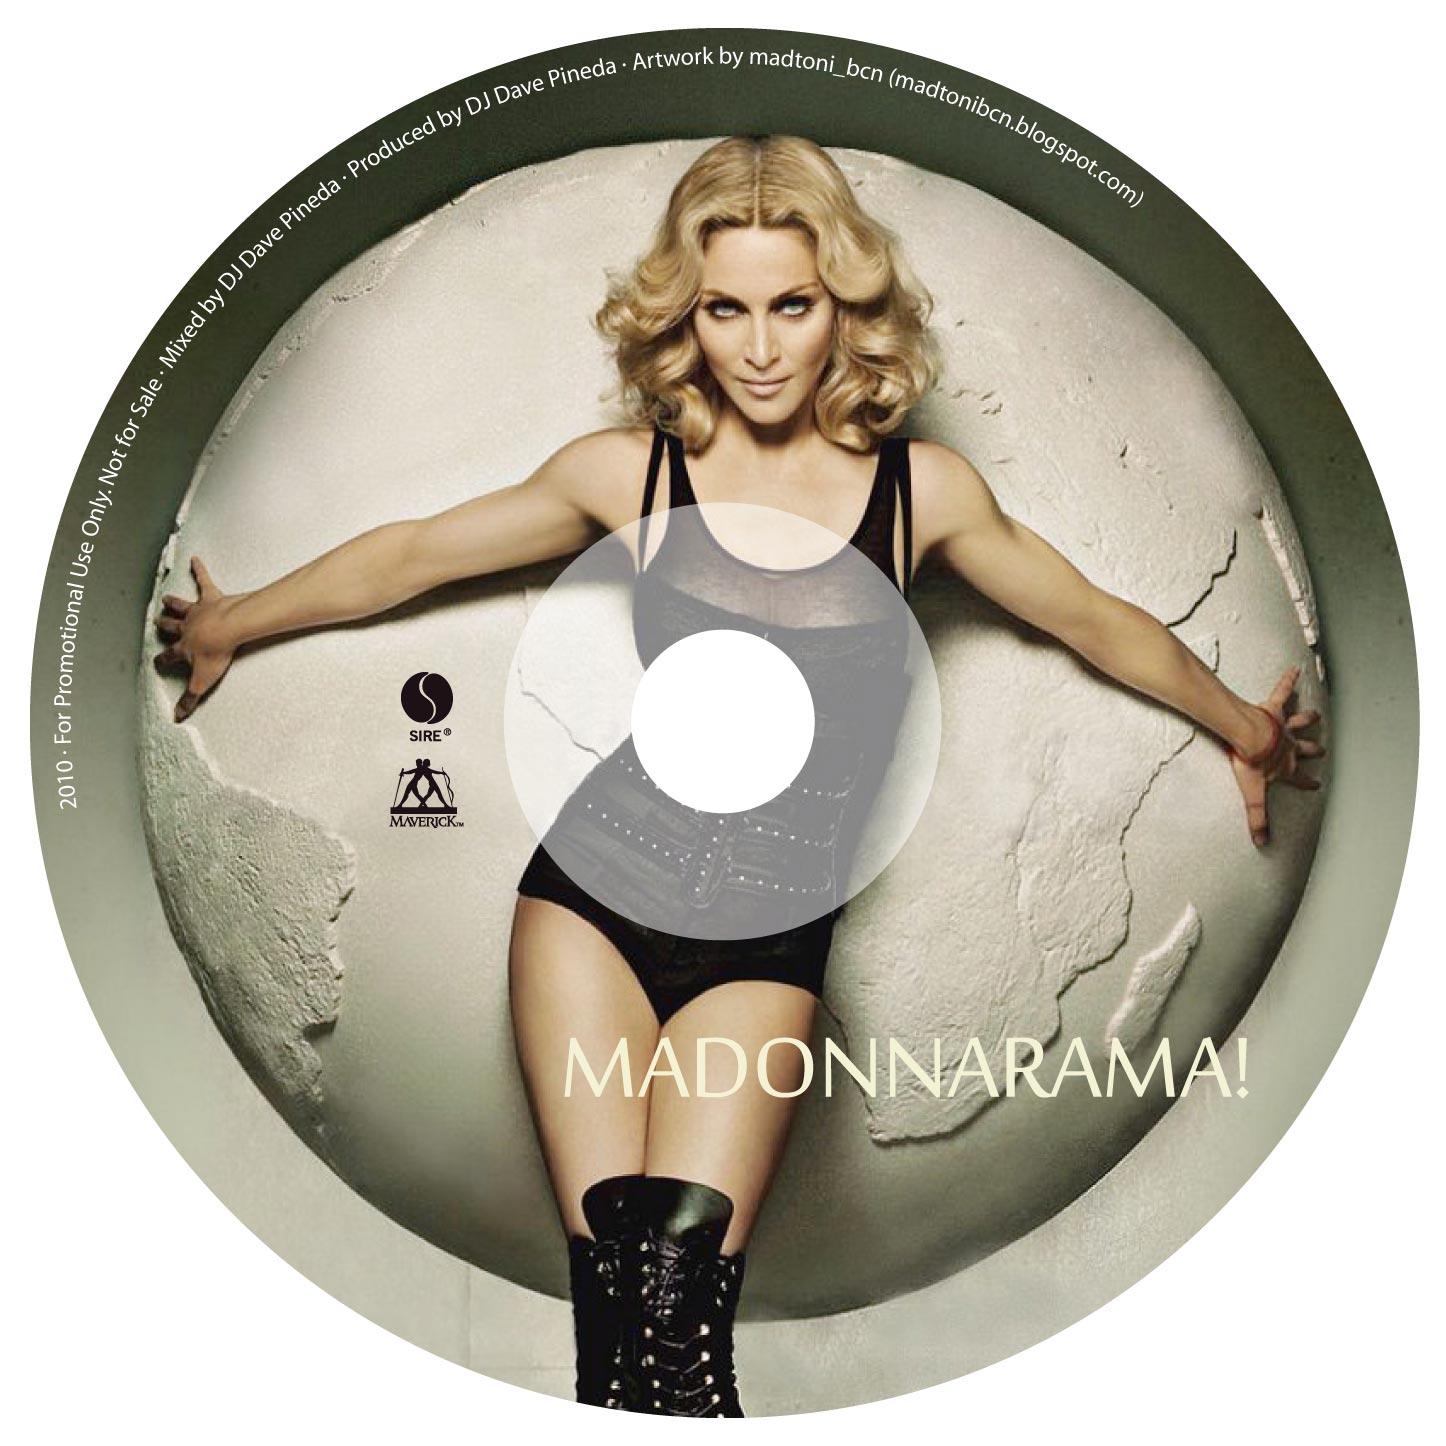 http://4.bp.blogspot.com/_ArgUgHdcFro/TMh9YcLFZ7I/AAAAAAAAAcA/t8FCgei_eEo/s1600/Madonnarama%21---CD.jpg